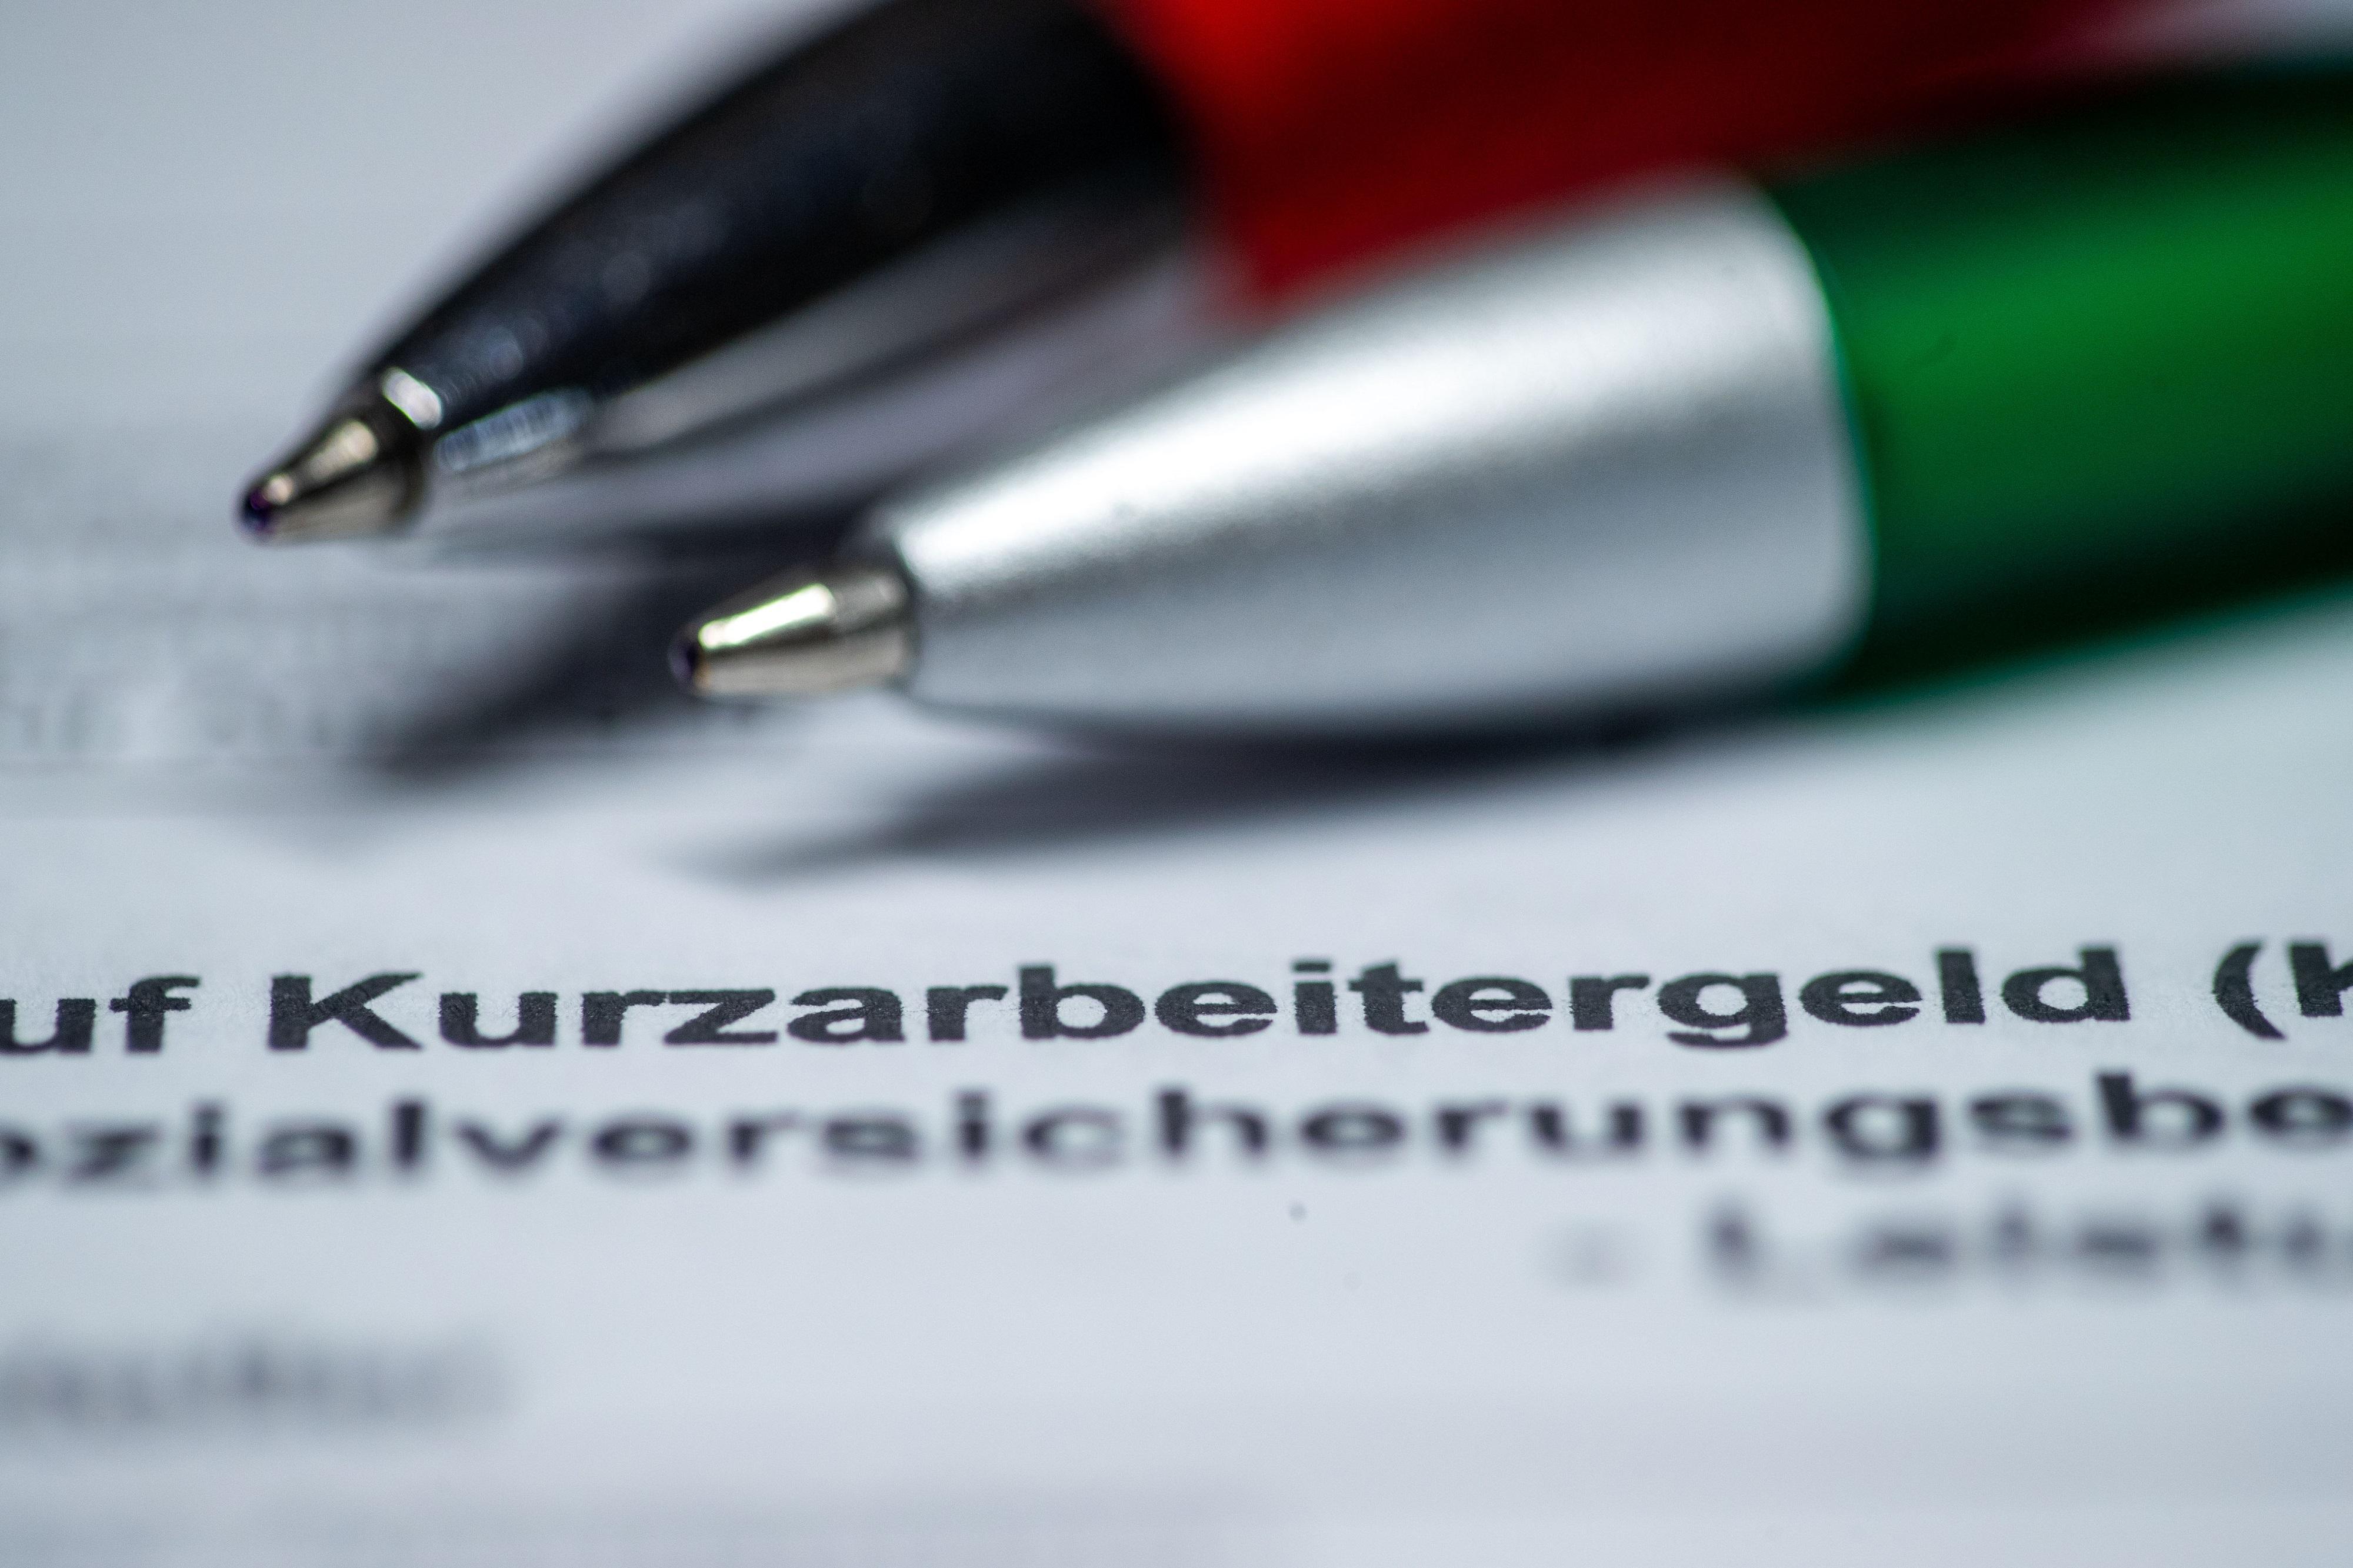 Mehr als zehn Millionen Menschen in Deutschland bekommen in der Coronakrise Kurzarbeitergeld.